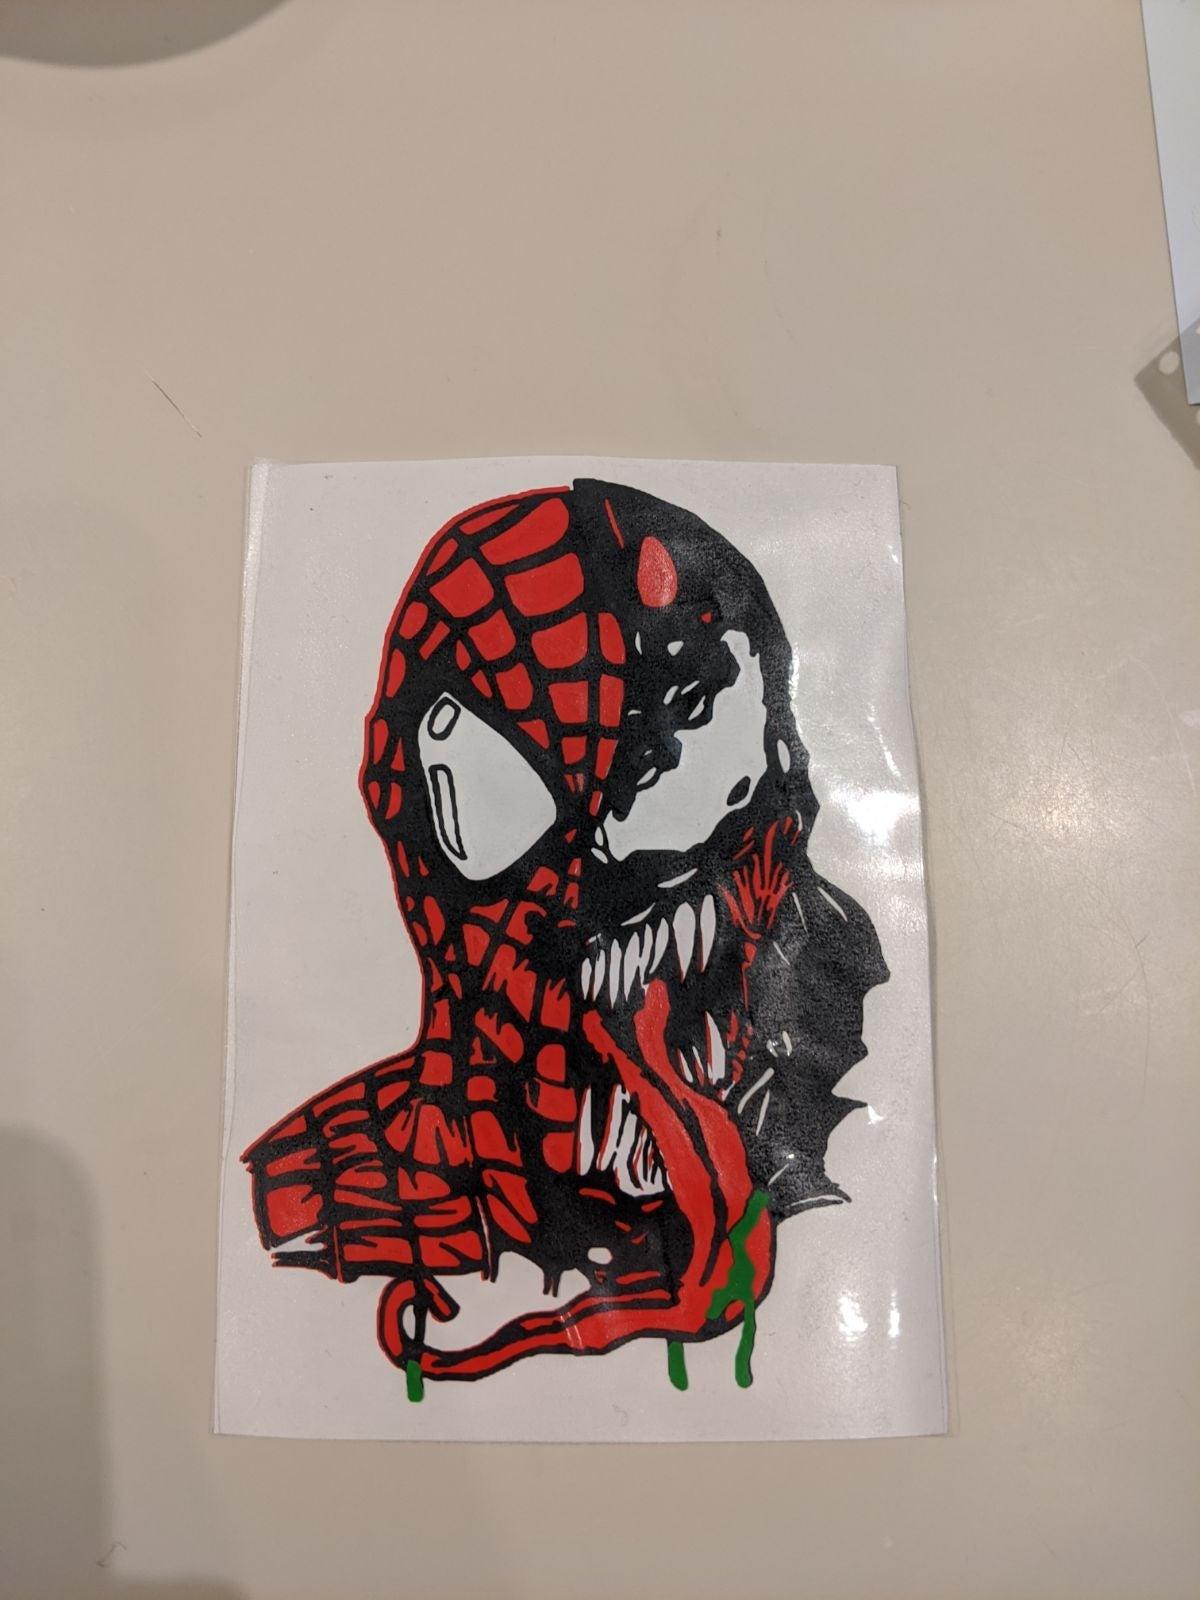 venomized spiderman vinyl decal